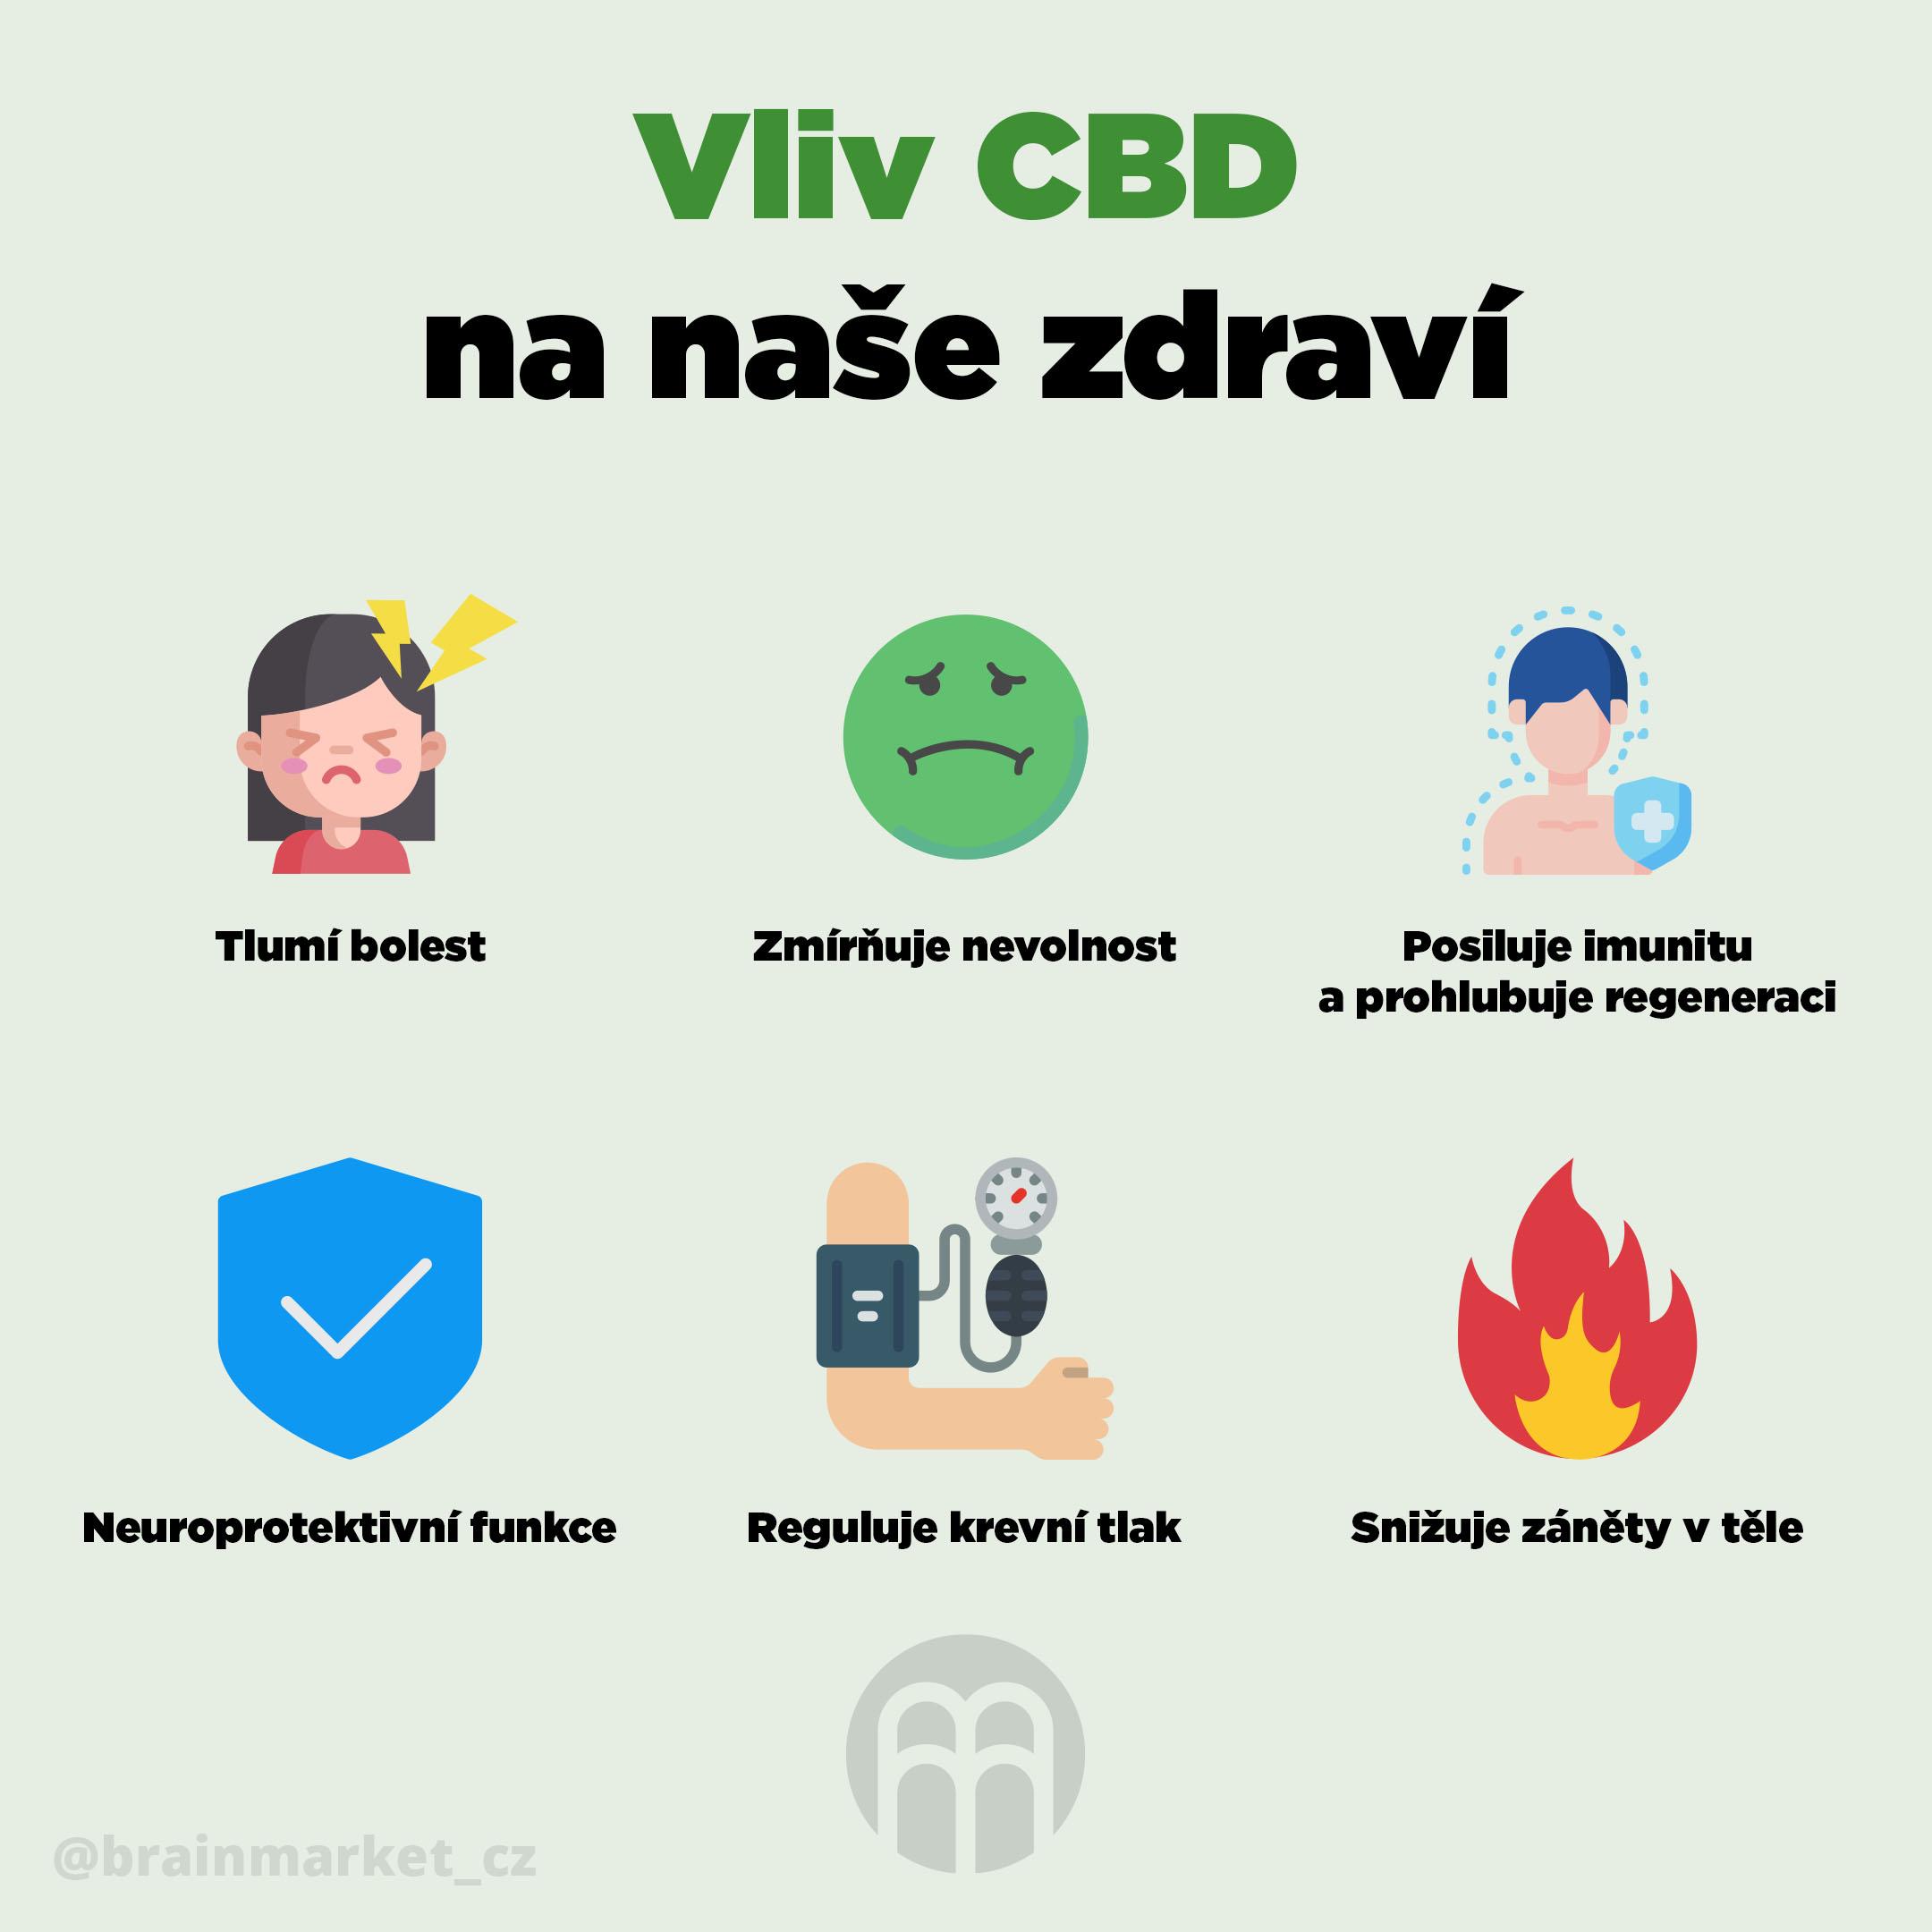 vliv-cbd-na-nase-zdravi-infografika-brainmarket-cz